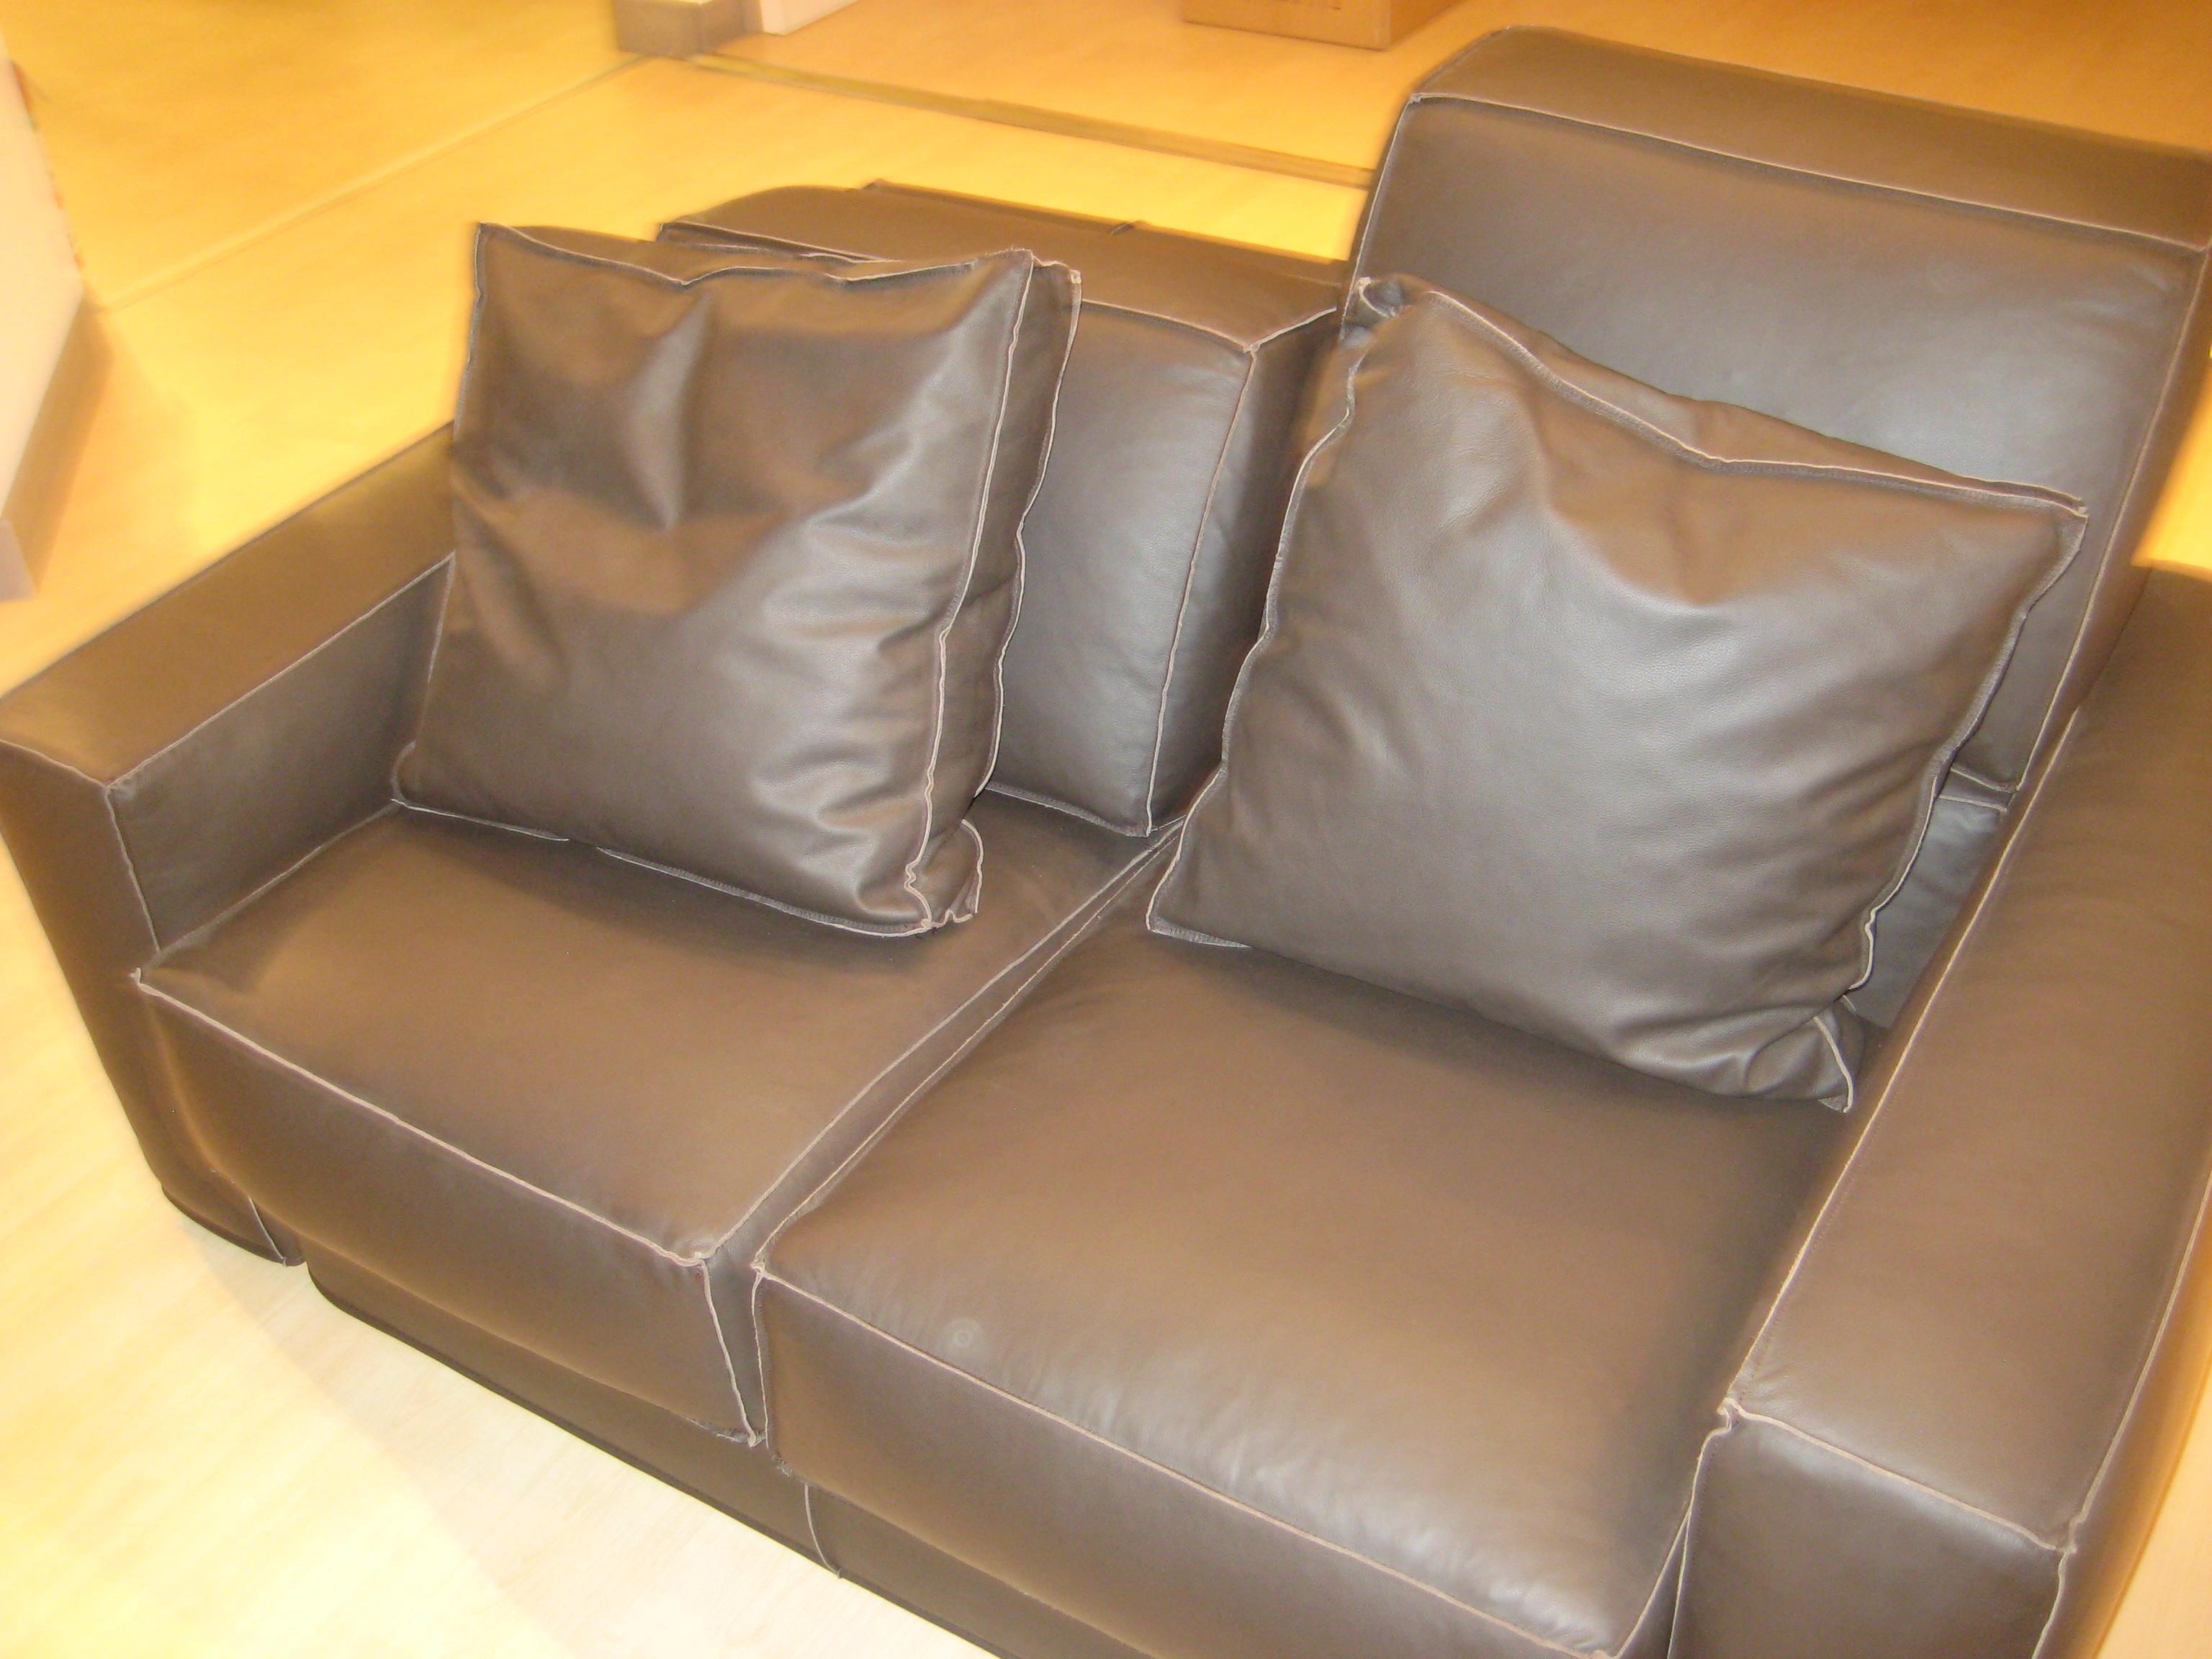 Comodo divano samoa in pelle marrone divani a prezzi - Divano pelle marrone ...